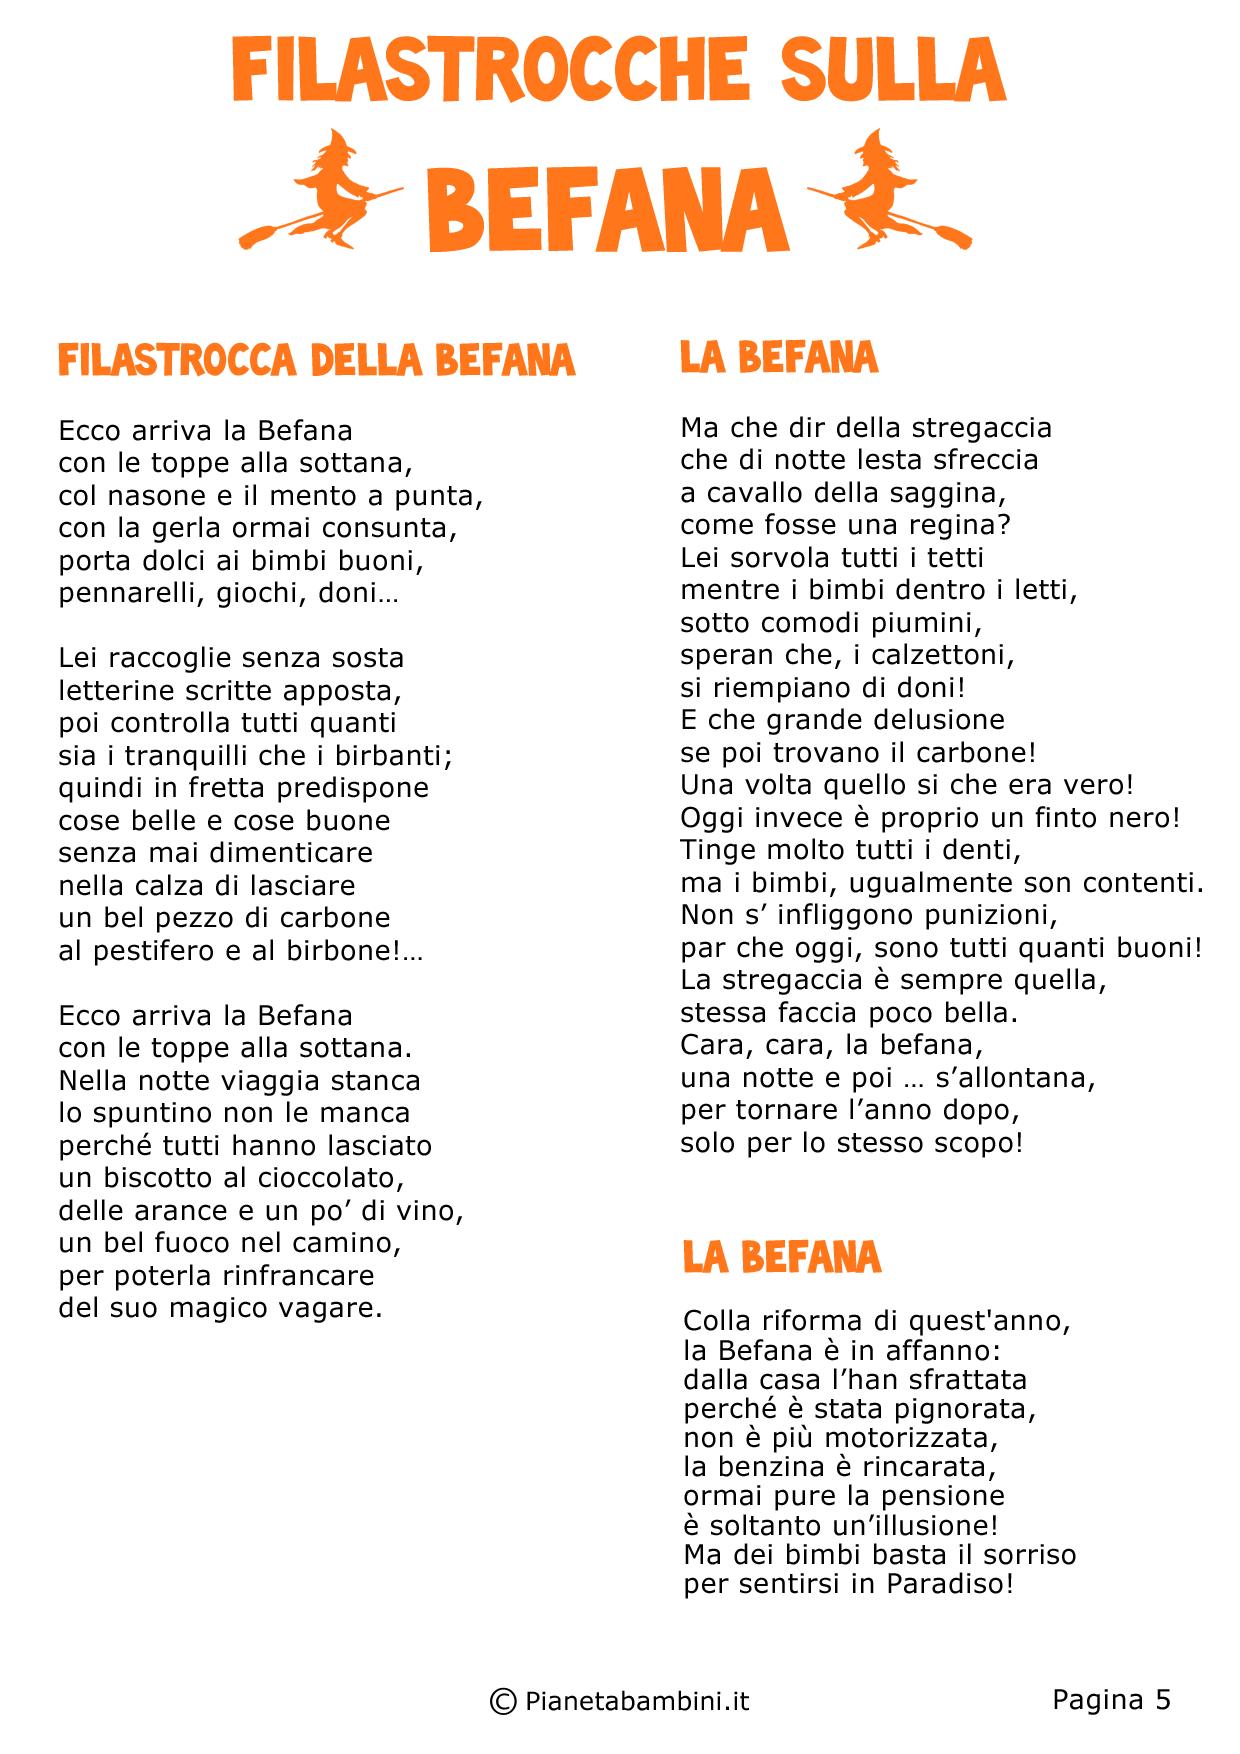 Très 33 Filastrocche sulla Befana per Bambini | PianetaBambini.it MG13